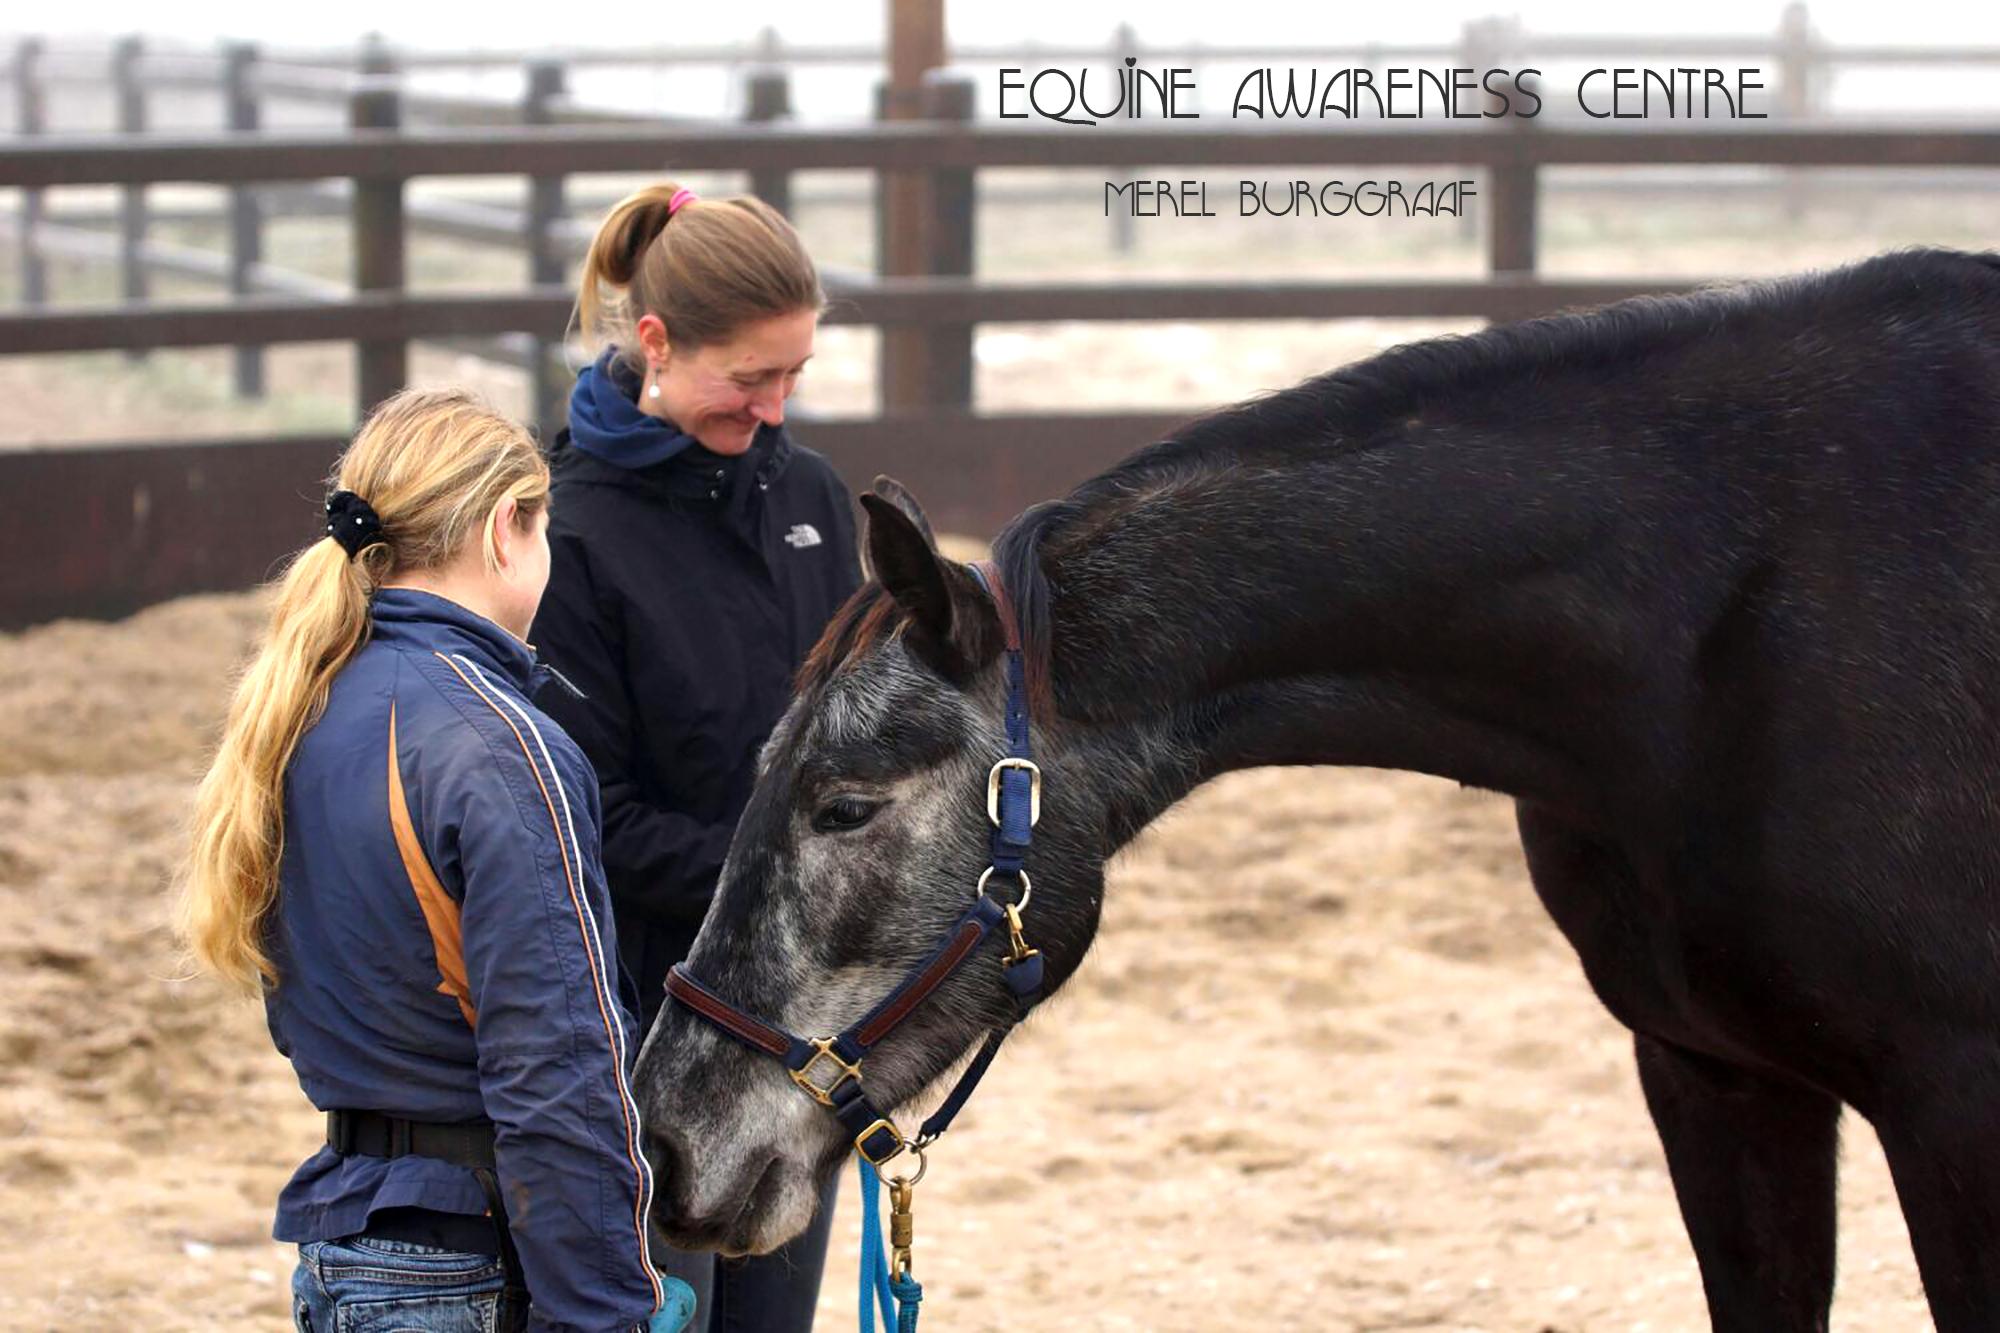 Equine Awareness Centre Merel Burggraaf succes paardentraining hoefsmid clicker training paard paarden Hippie Boy 2